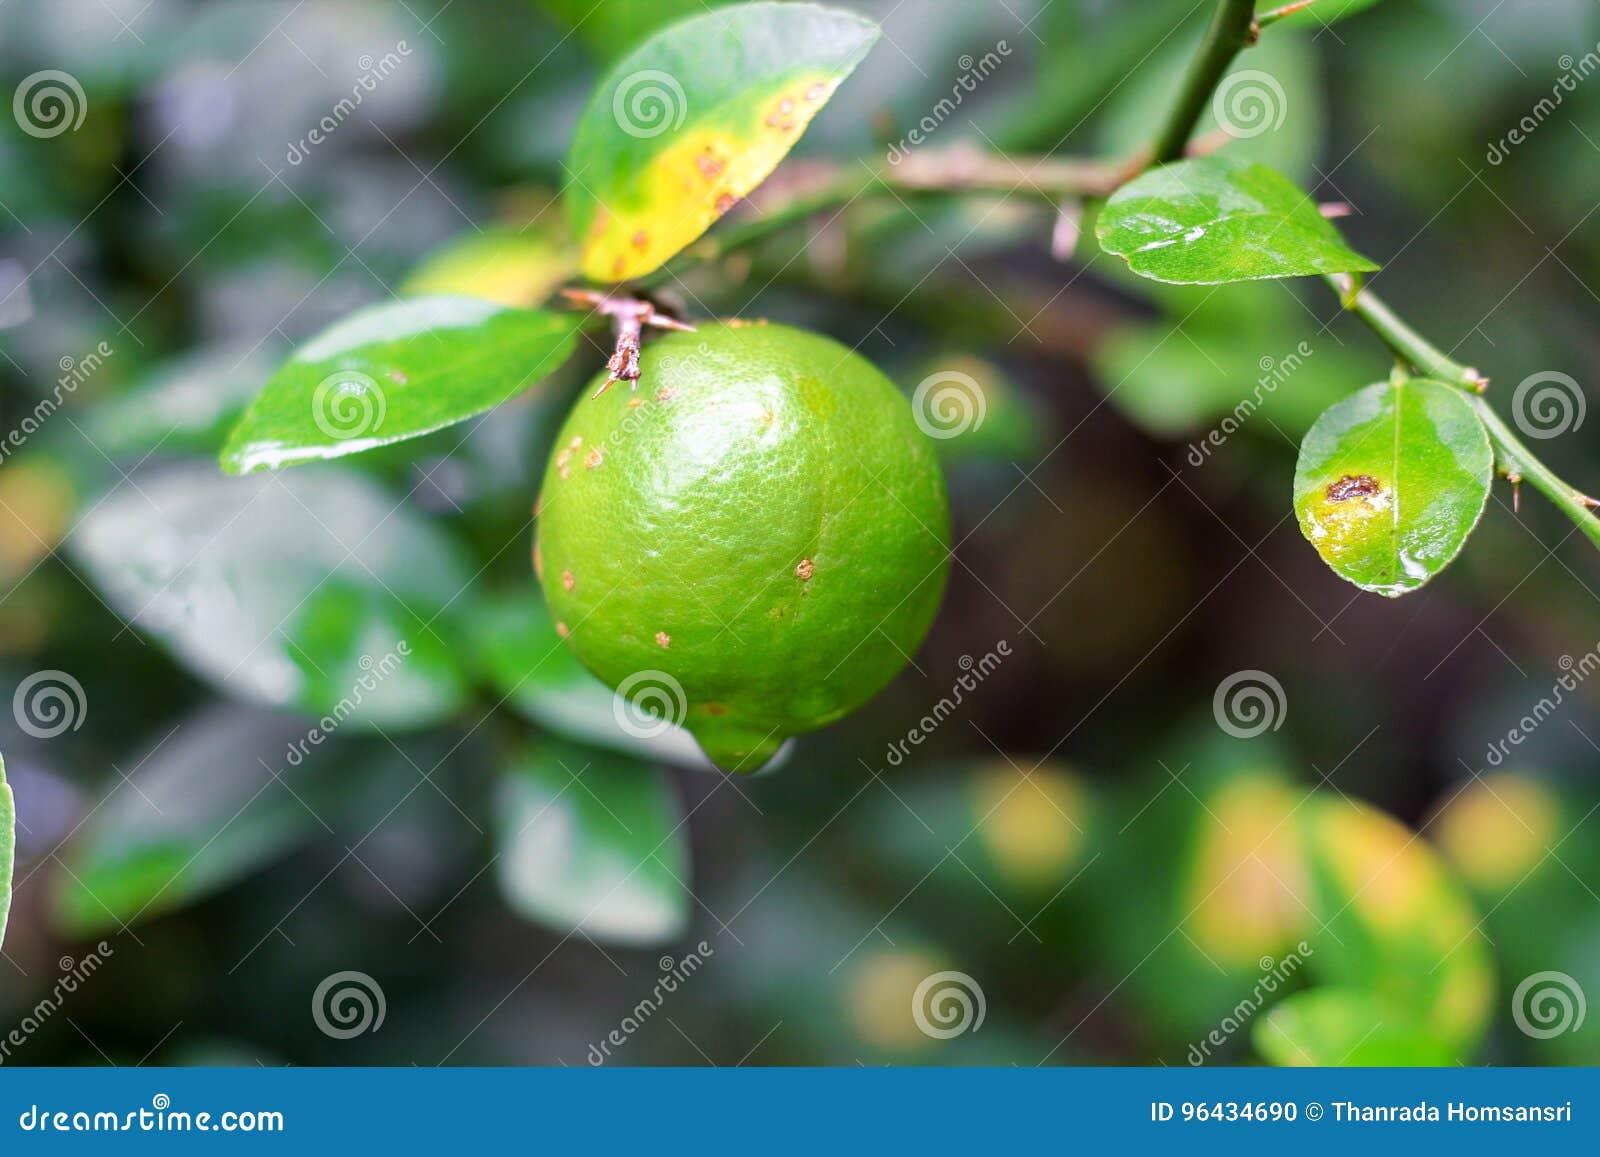 Ny limefrukt med leafen